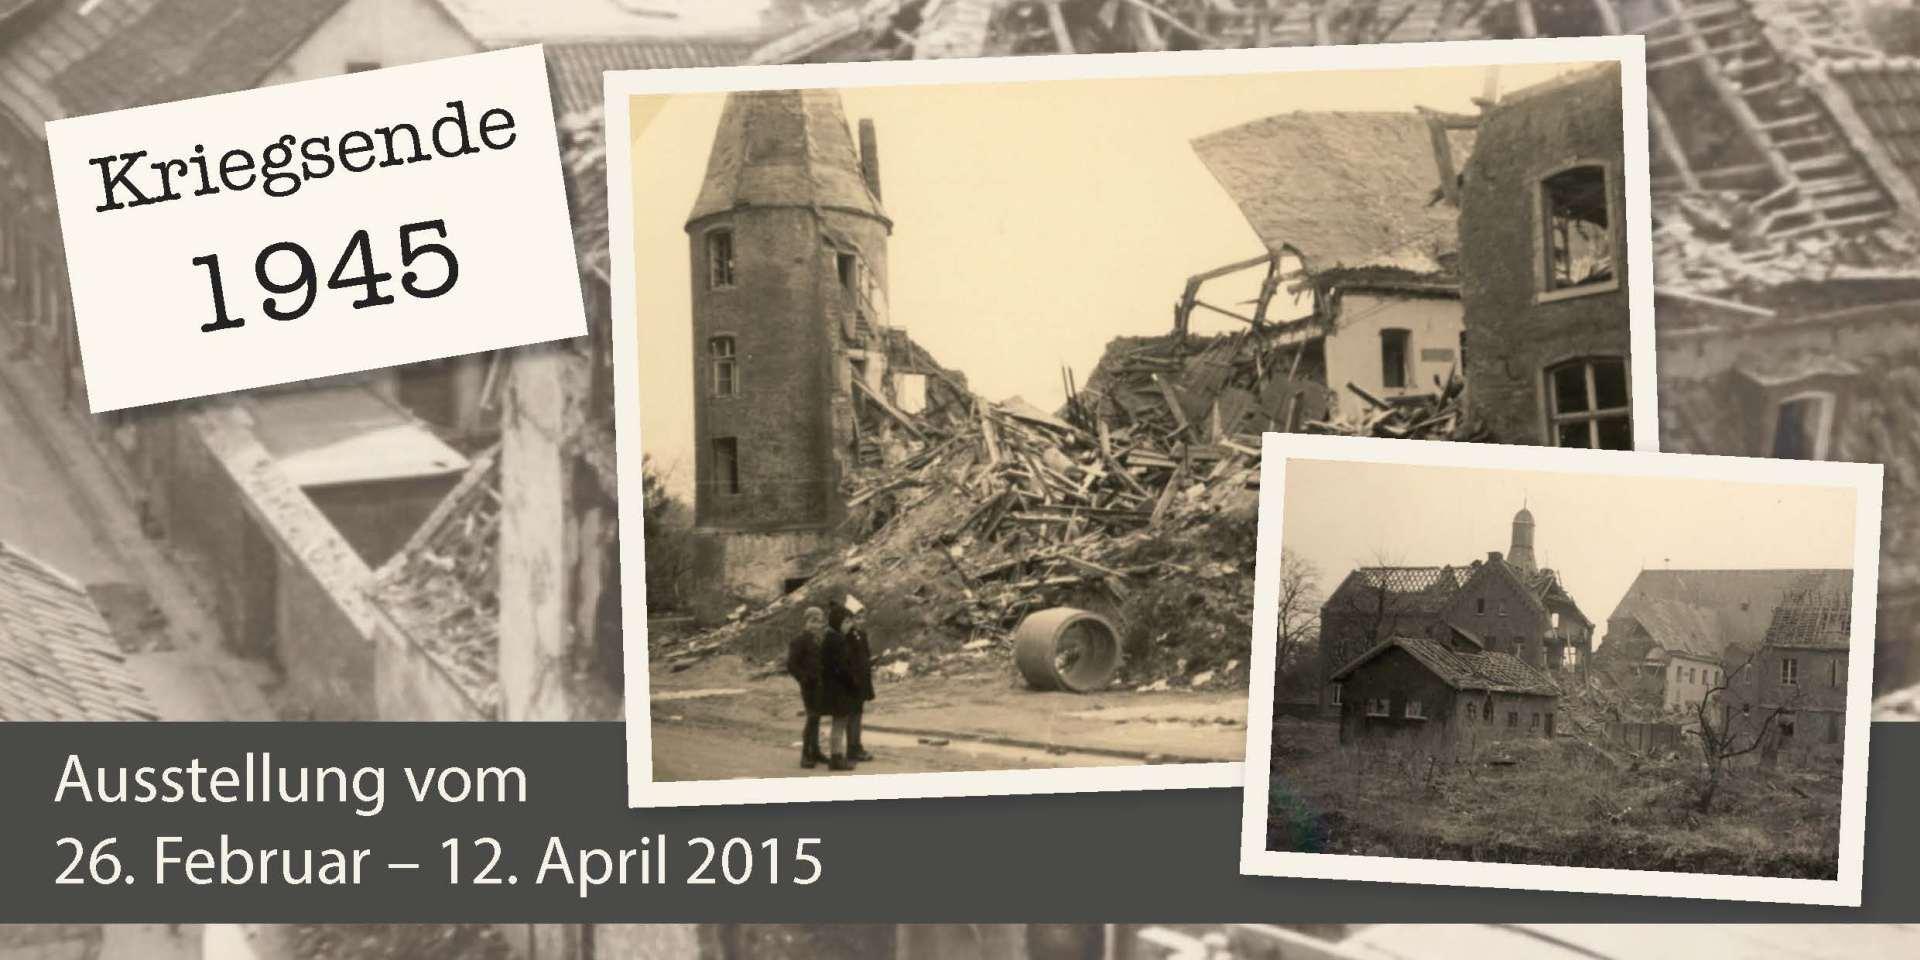 Kriegsende 1945 in Grevenbroich